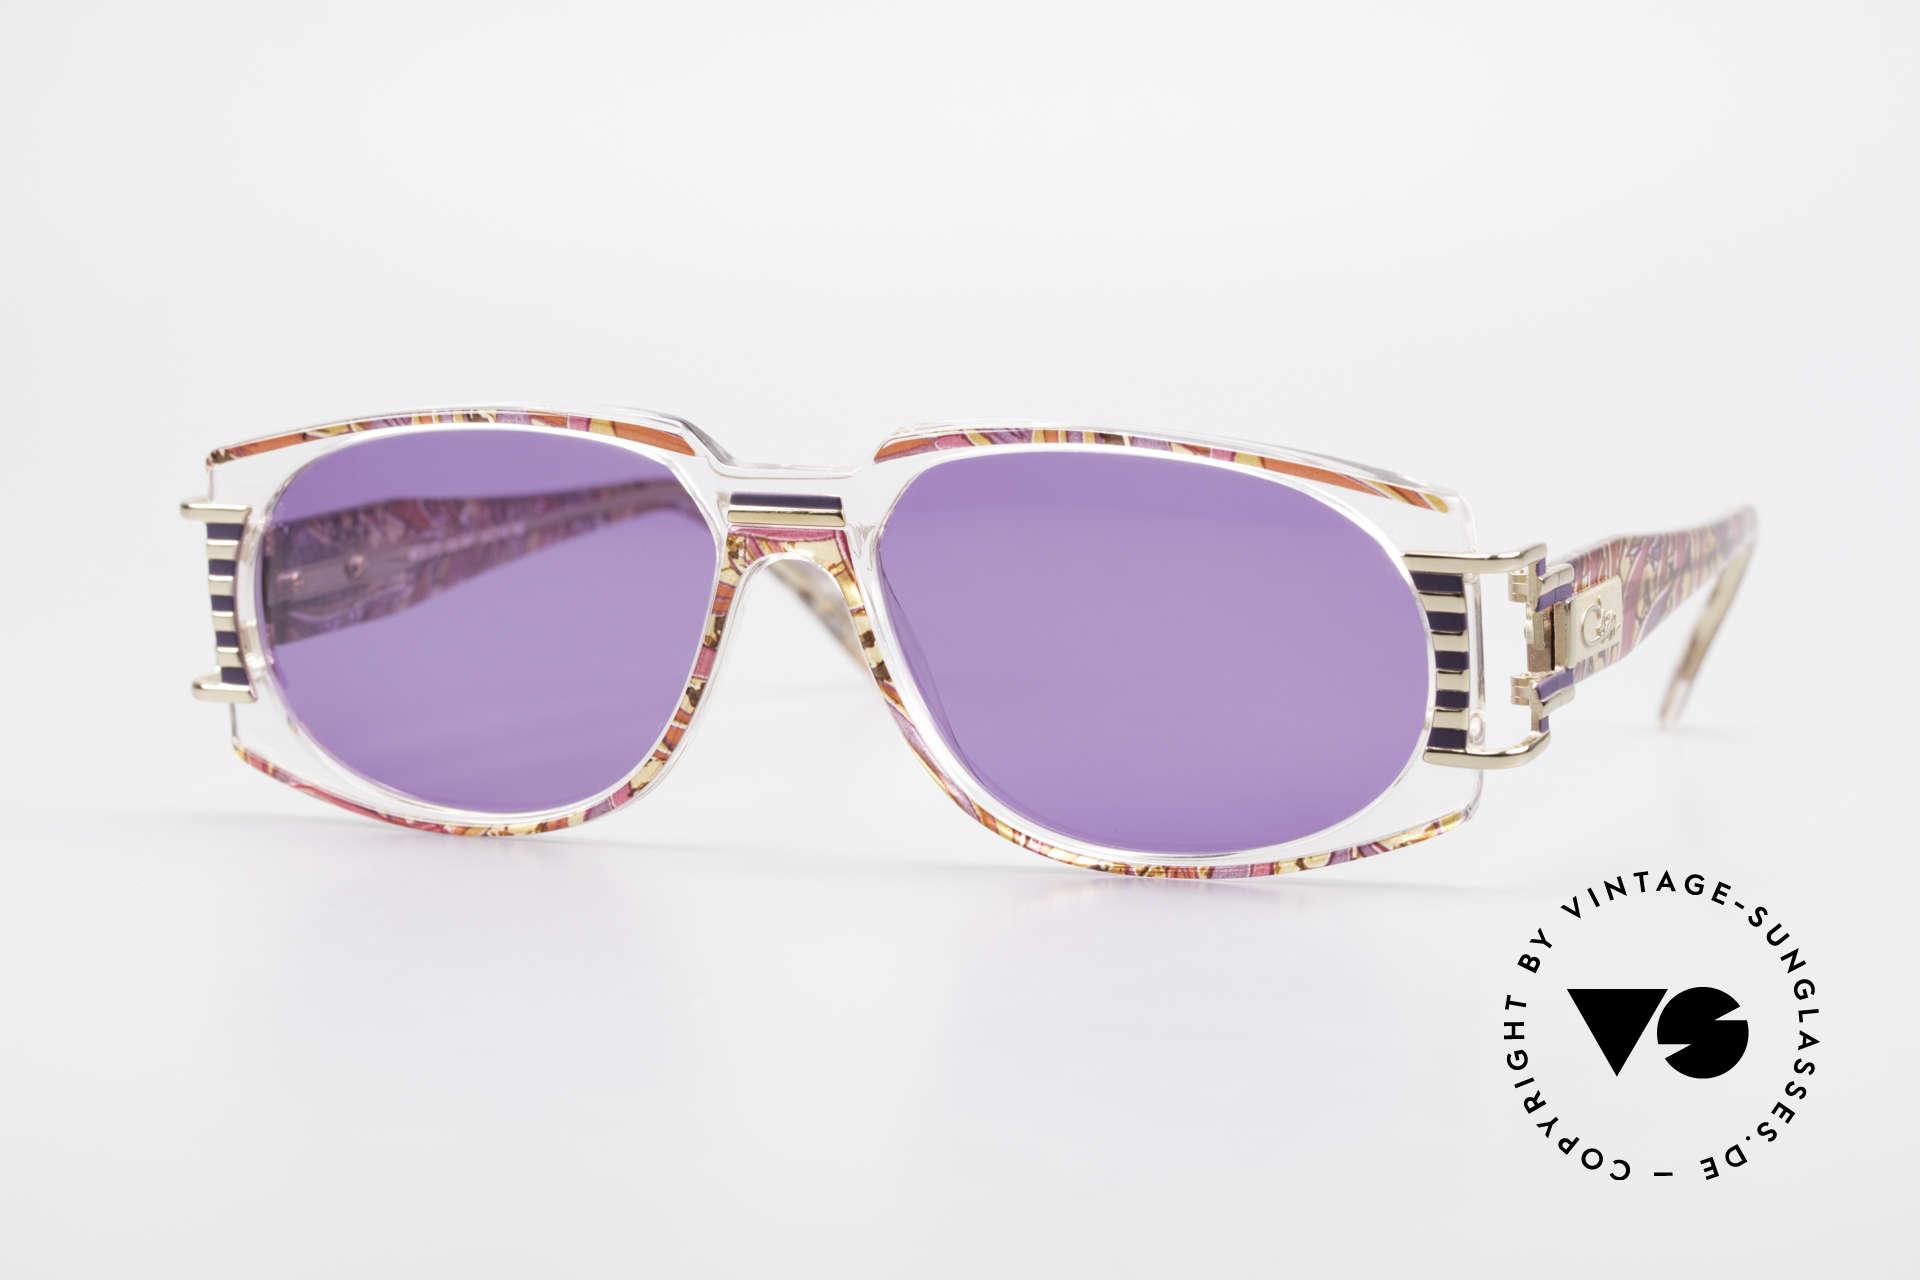 Cazal 372 Rare 90er HipHop Sonnenbrille, ultra seltenes Cazal vintage Modell aus den 90er Jahren, Passend für Herren und Damen